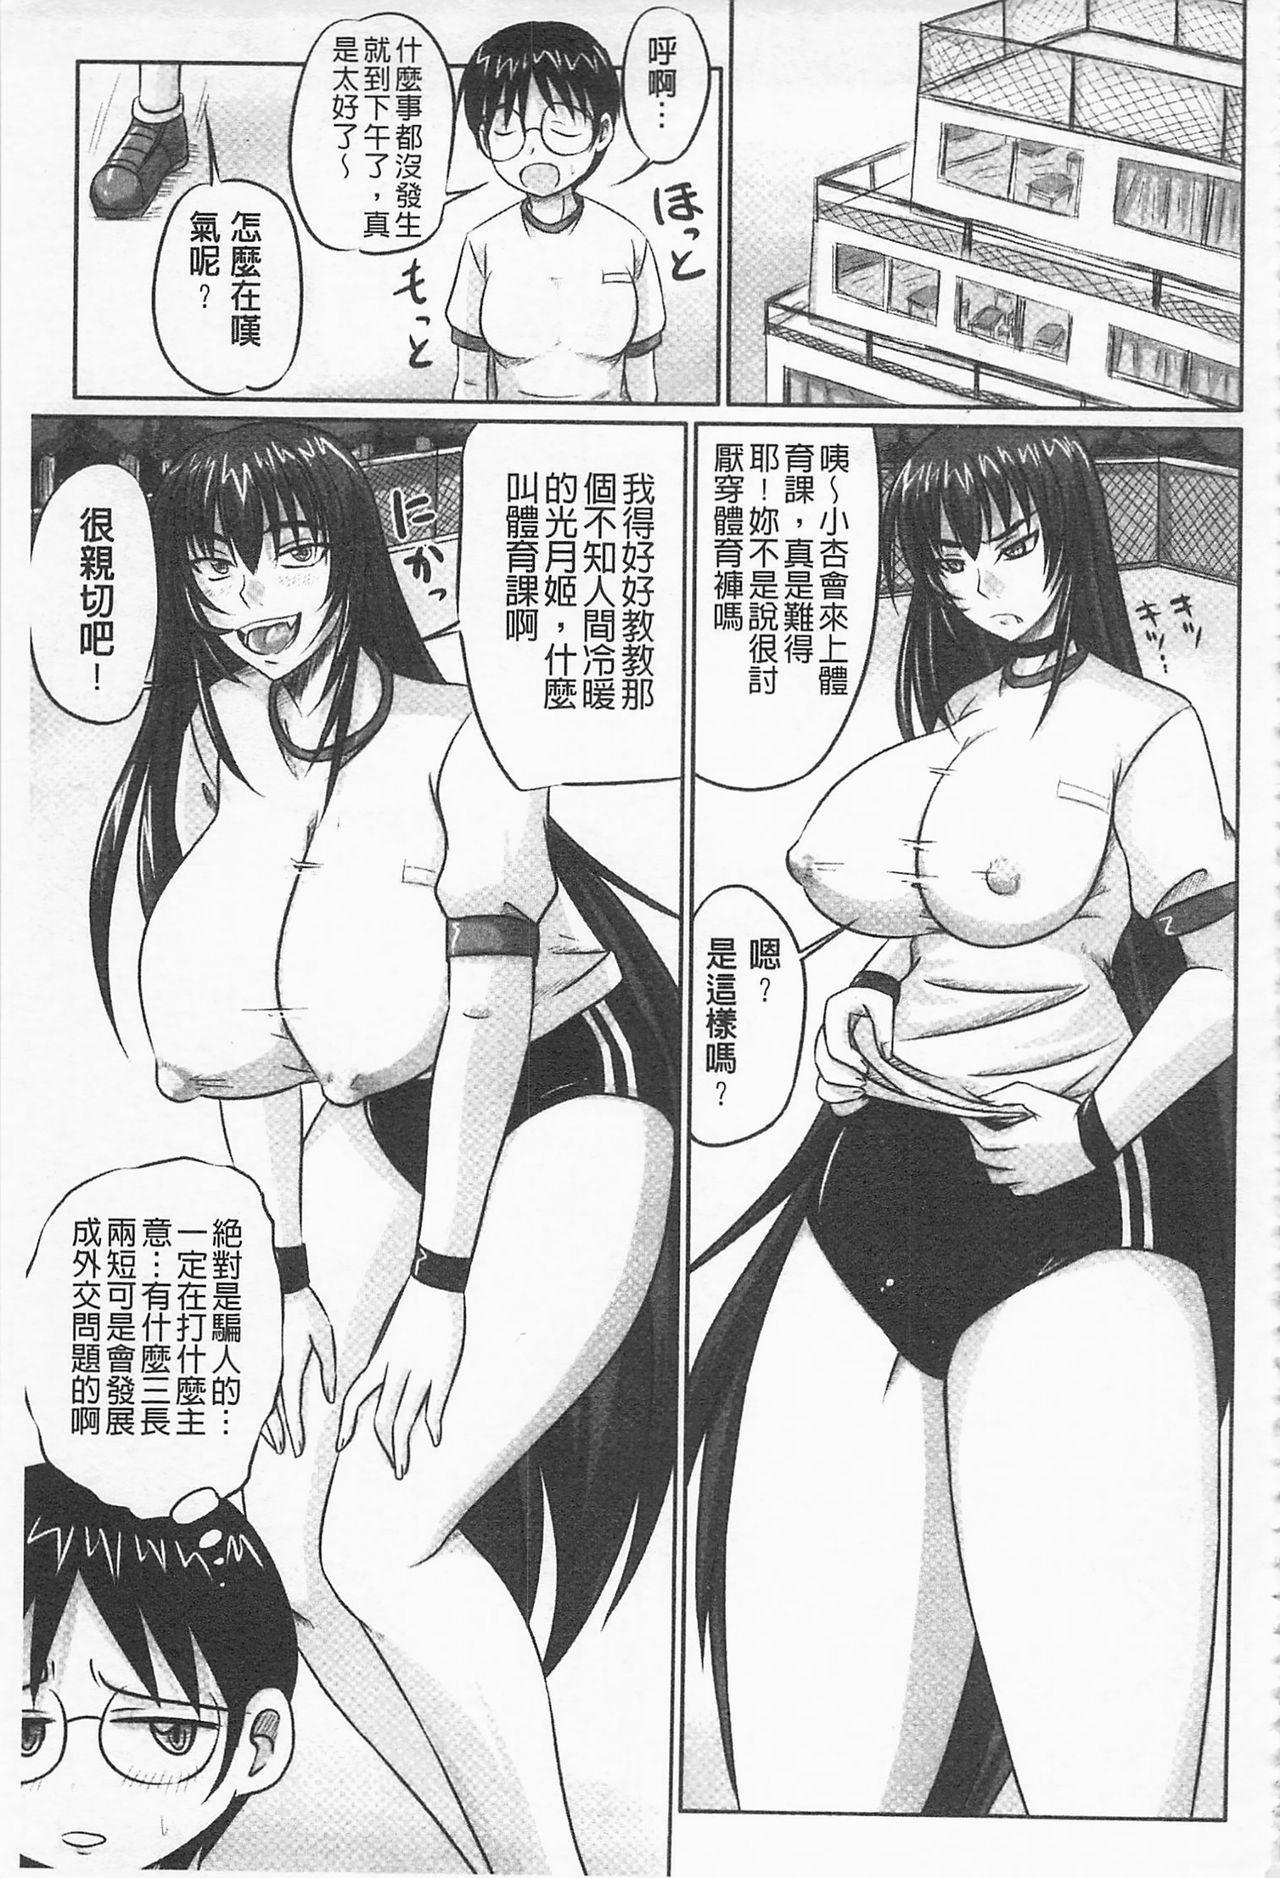 [Nozarashi Satoru] Do S na Hime wa Kegasareru -Inga no Shou- | 超S的公主被玷汙了 ~因果之章~ [Chinese] 71